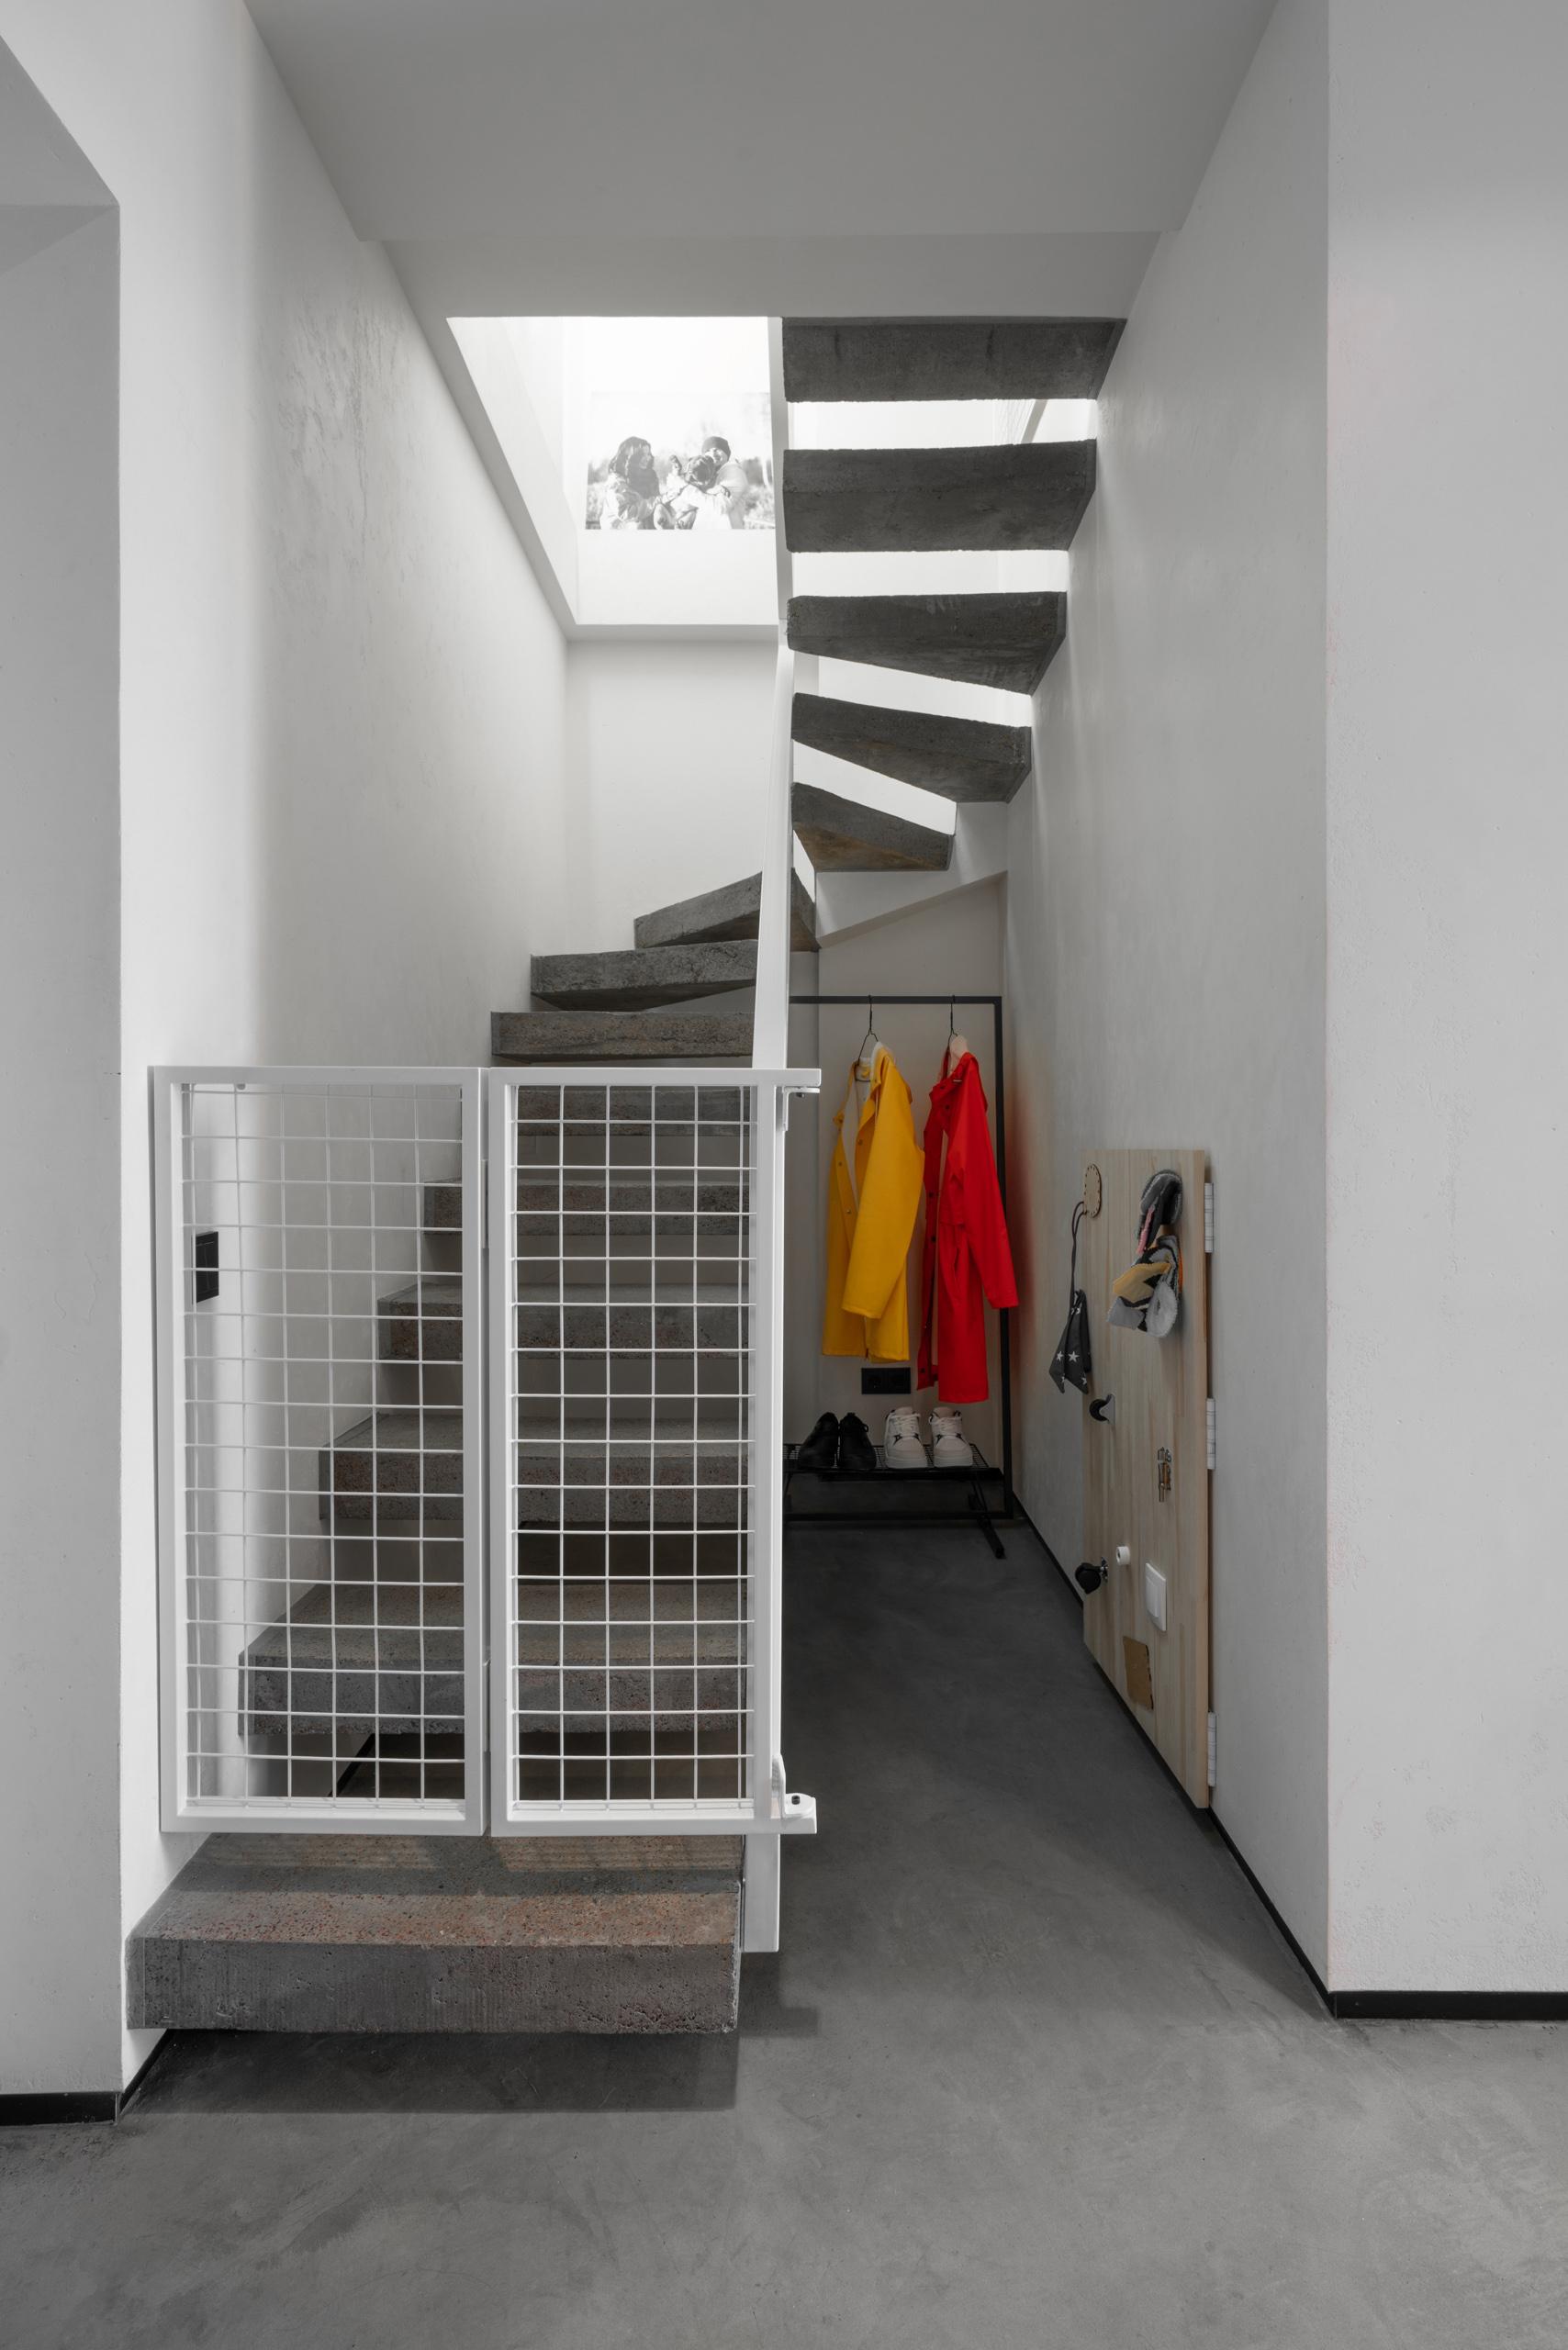 Фотосъемка интерьера бетонной лестницы прихожей